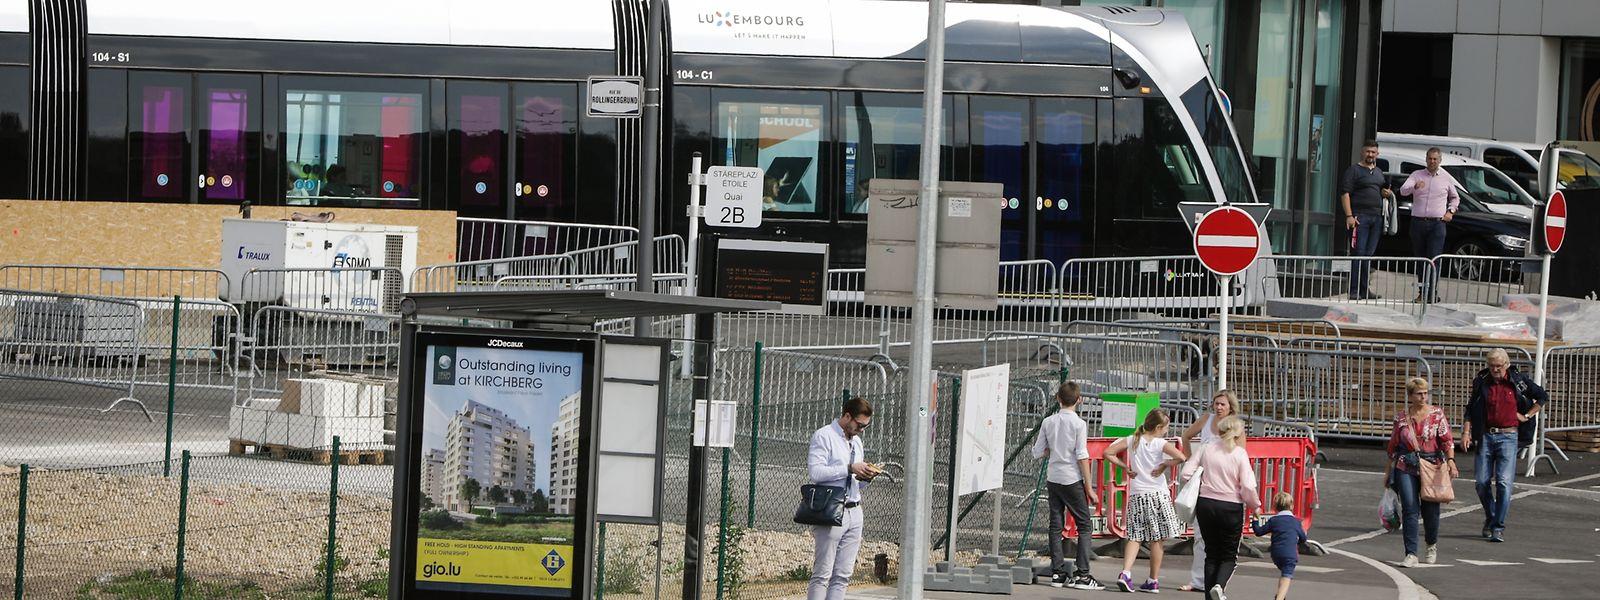 Von der Bushaltestelle an der Stäreplaz bis zur Tram sind es nur ein paar Schritte: Ein Qualitätsgewinn für Personen, die aus dem Westen nach Kirchberg wollen.